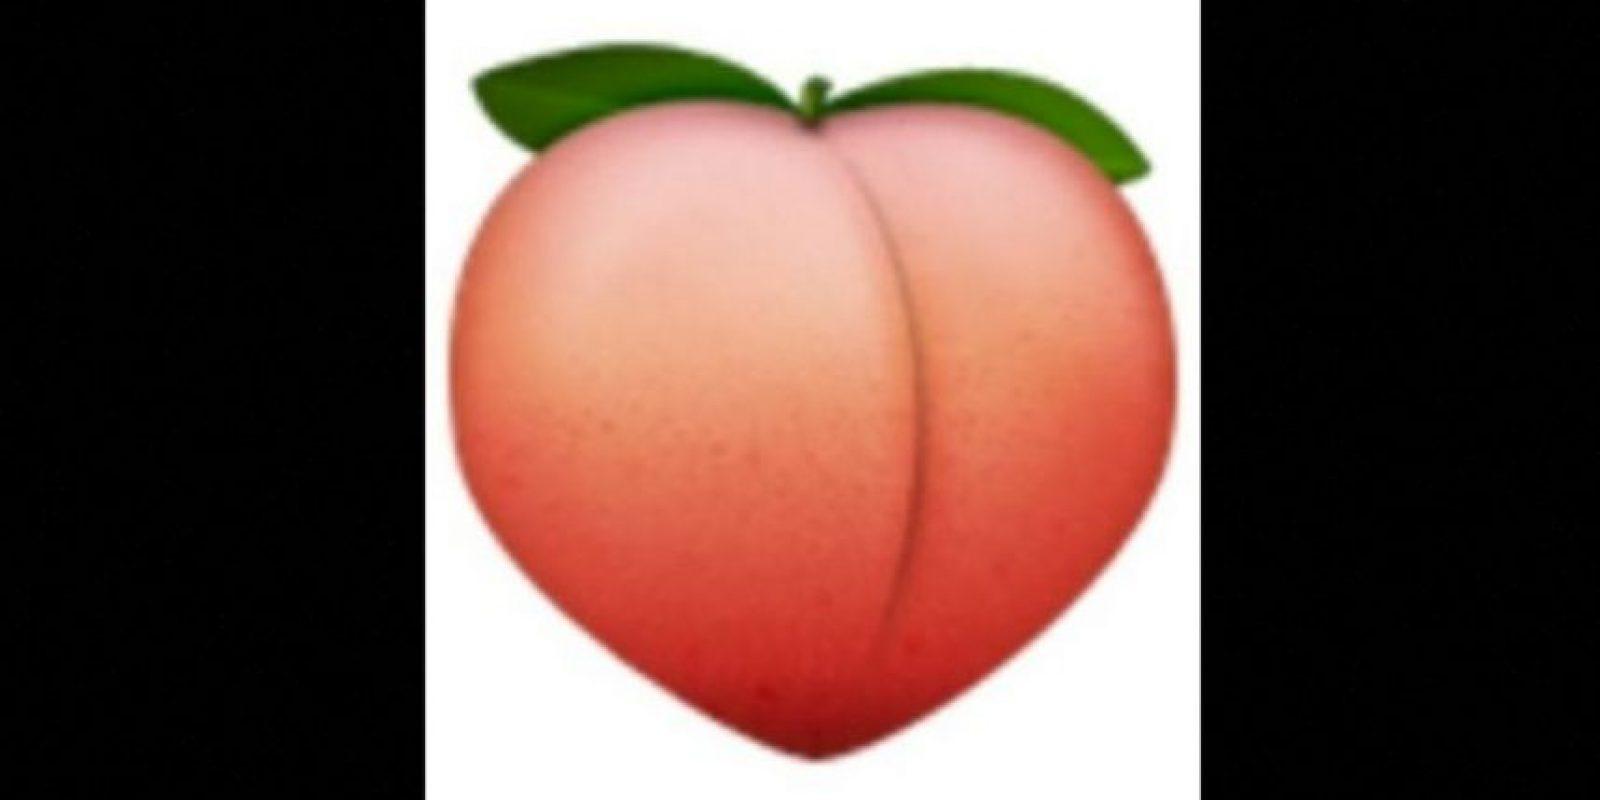 10. Empleado con connotaciones sexuales, se trata de una fruta llamada melocotón Foto:vía emojipedia.org